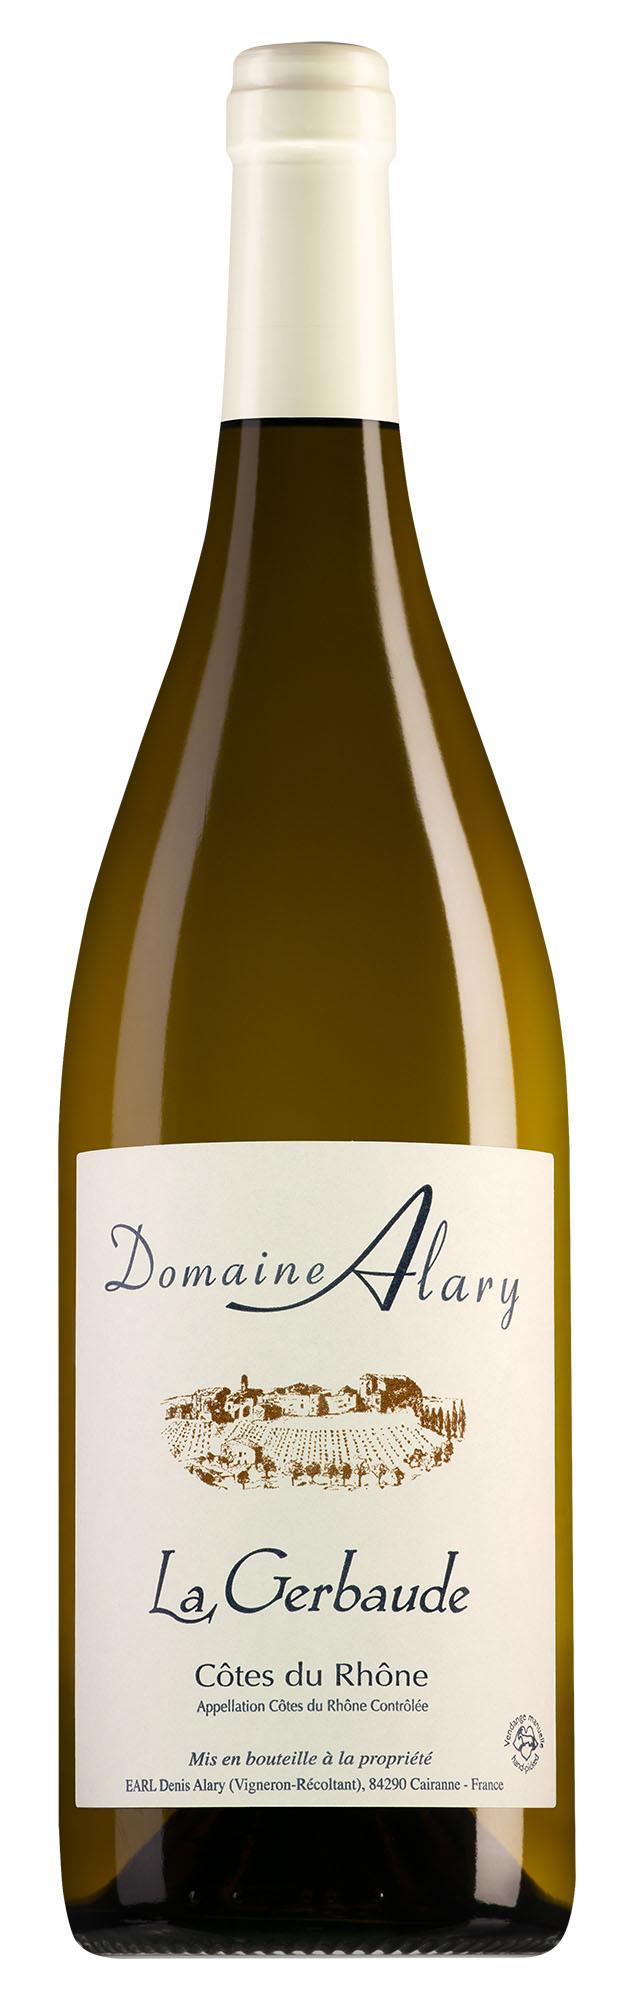 Domaine Alary Côtes du Rhône La Gerbaude Blanc